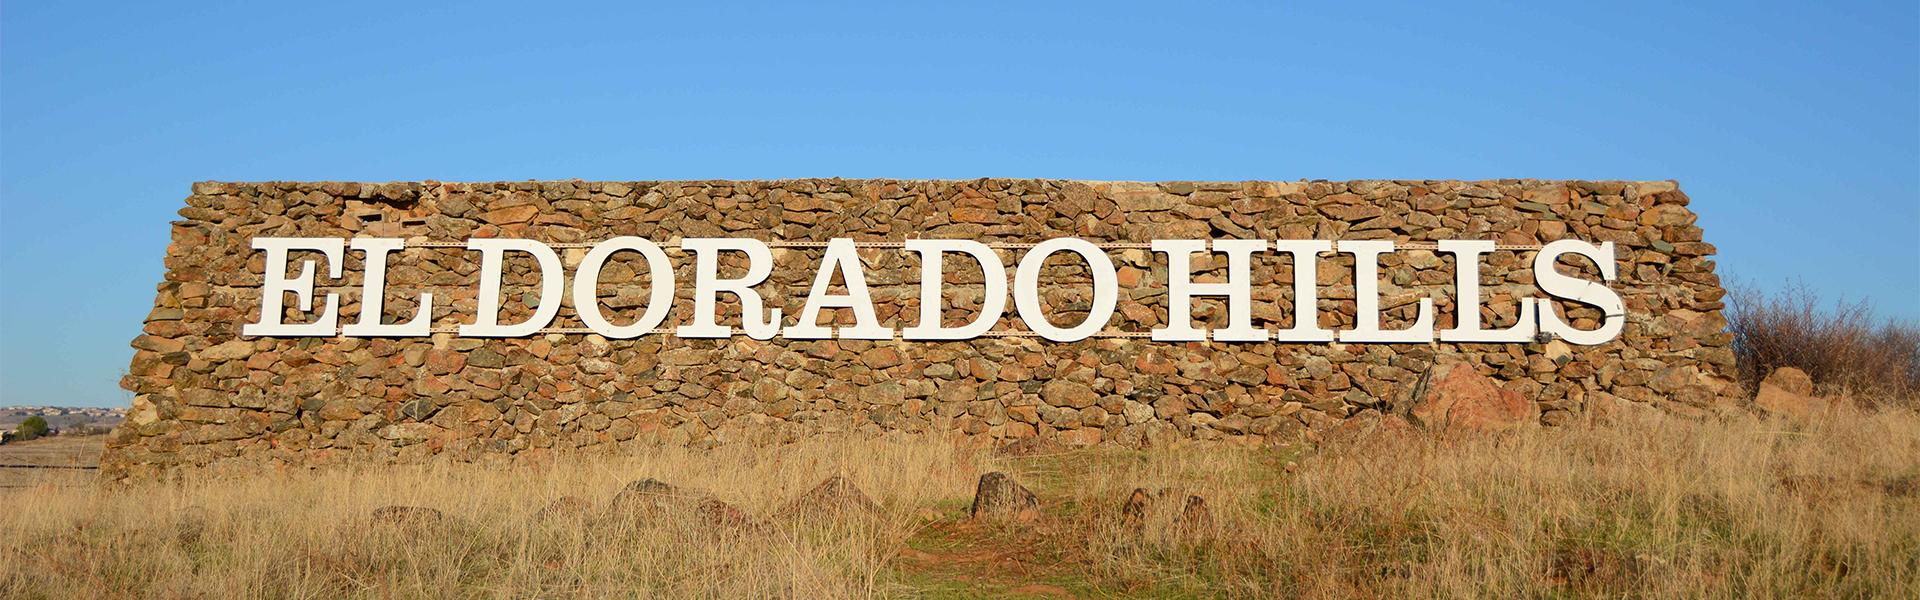 El Dorado Hills.png